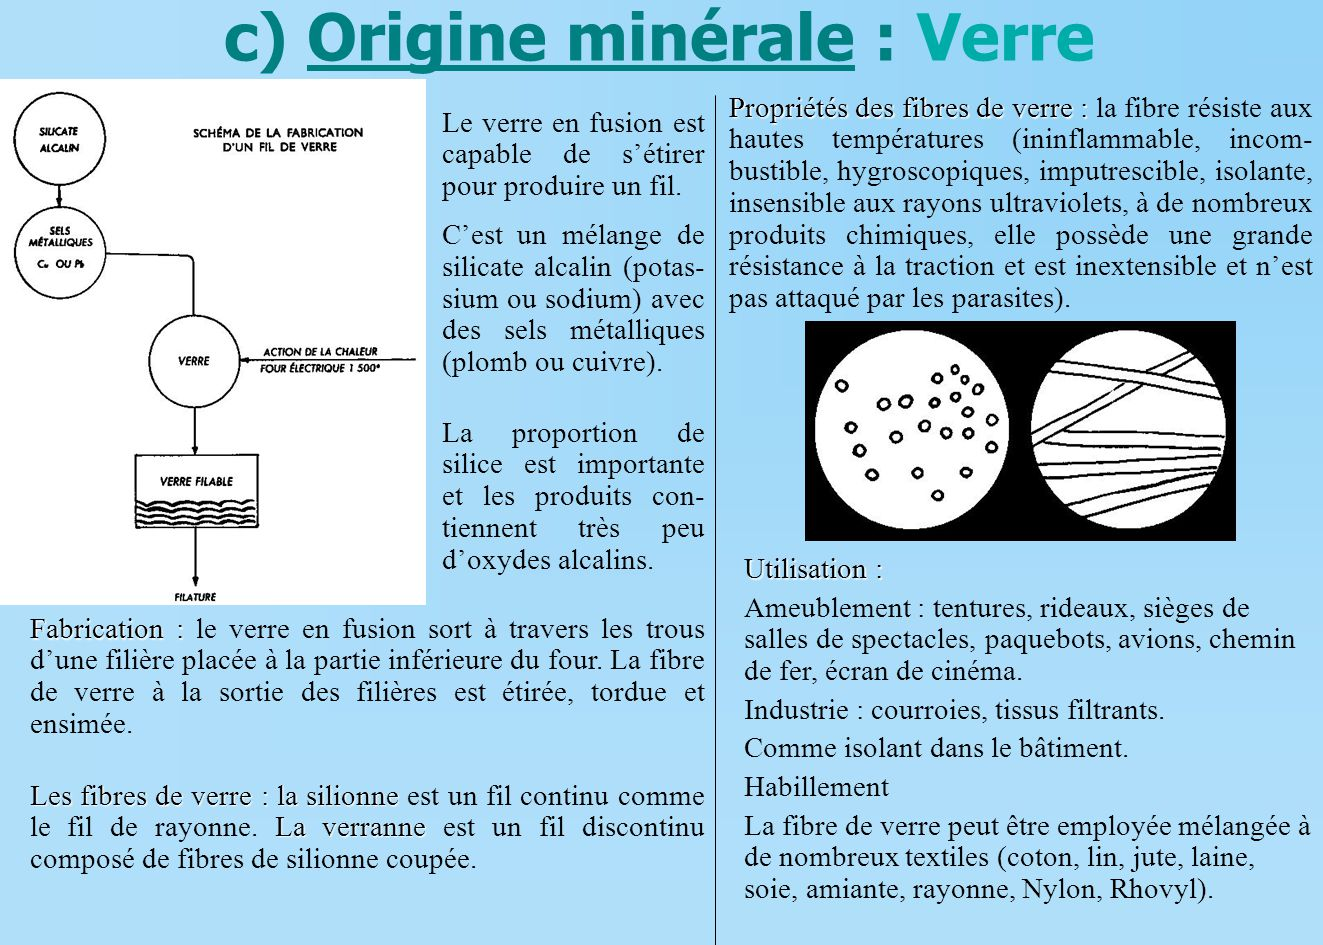 c) Origine minérale : Verre